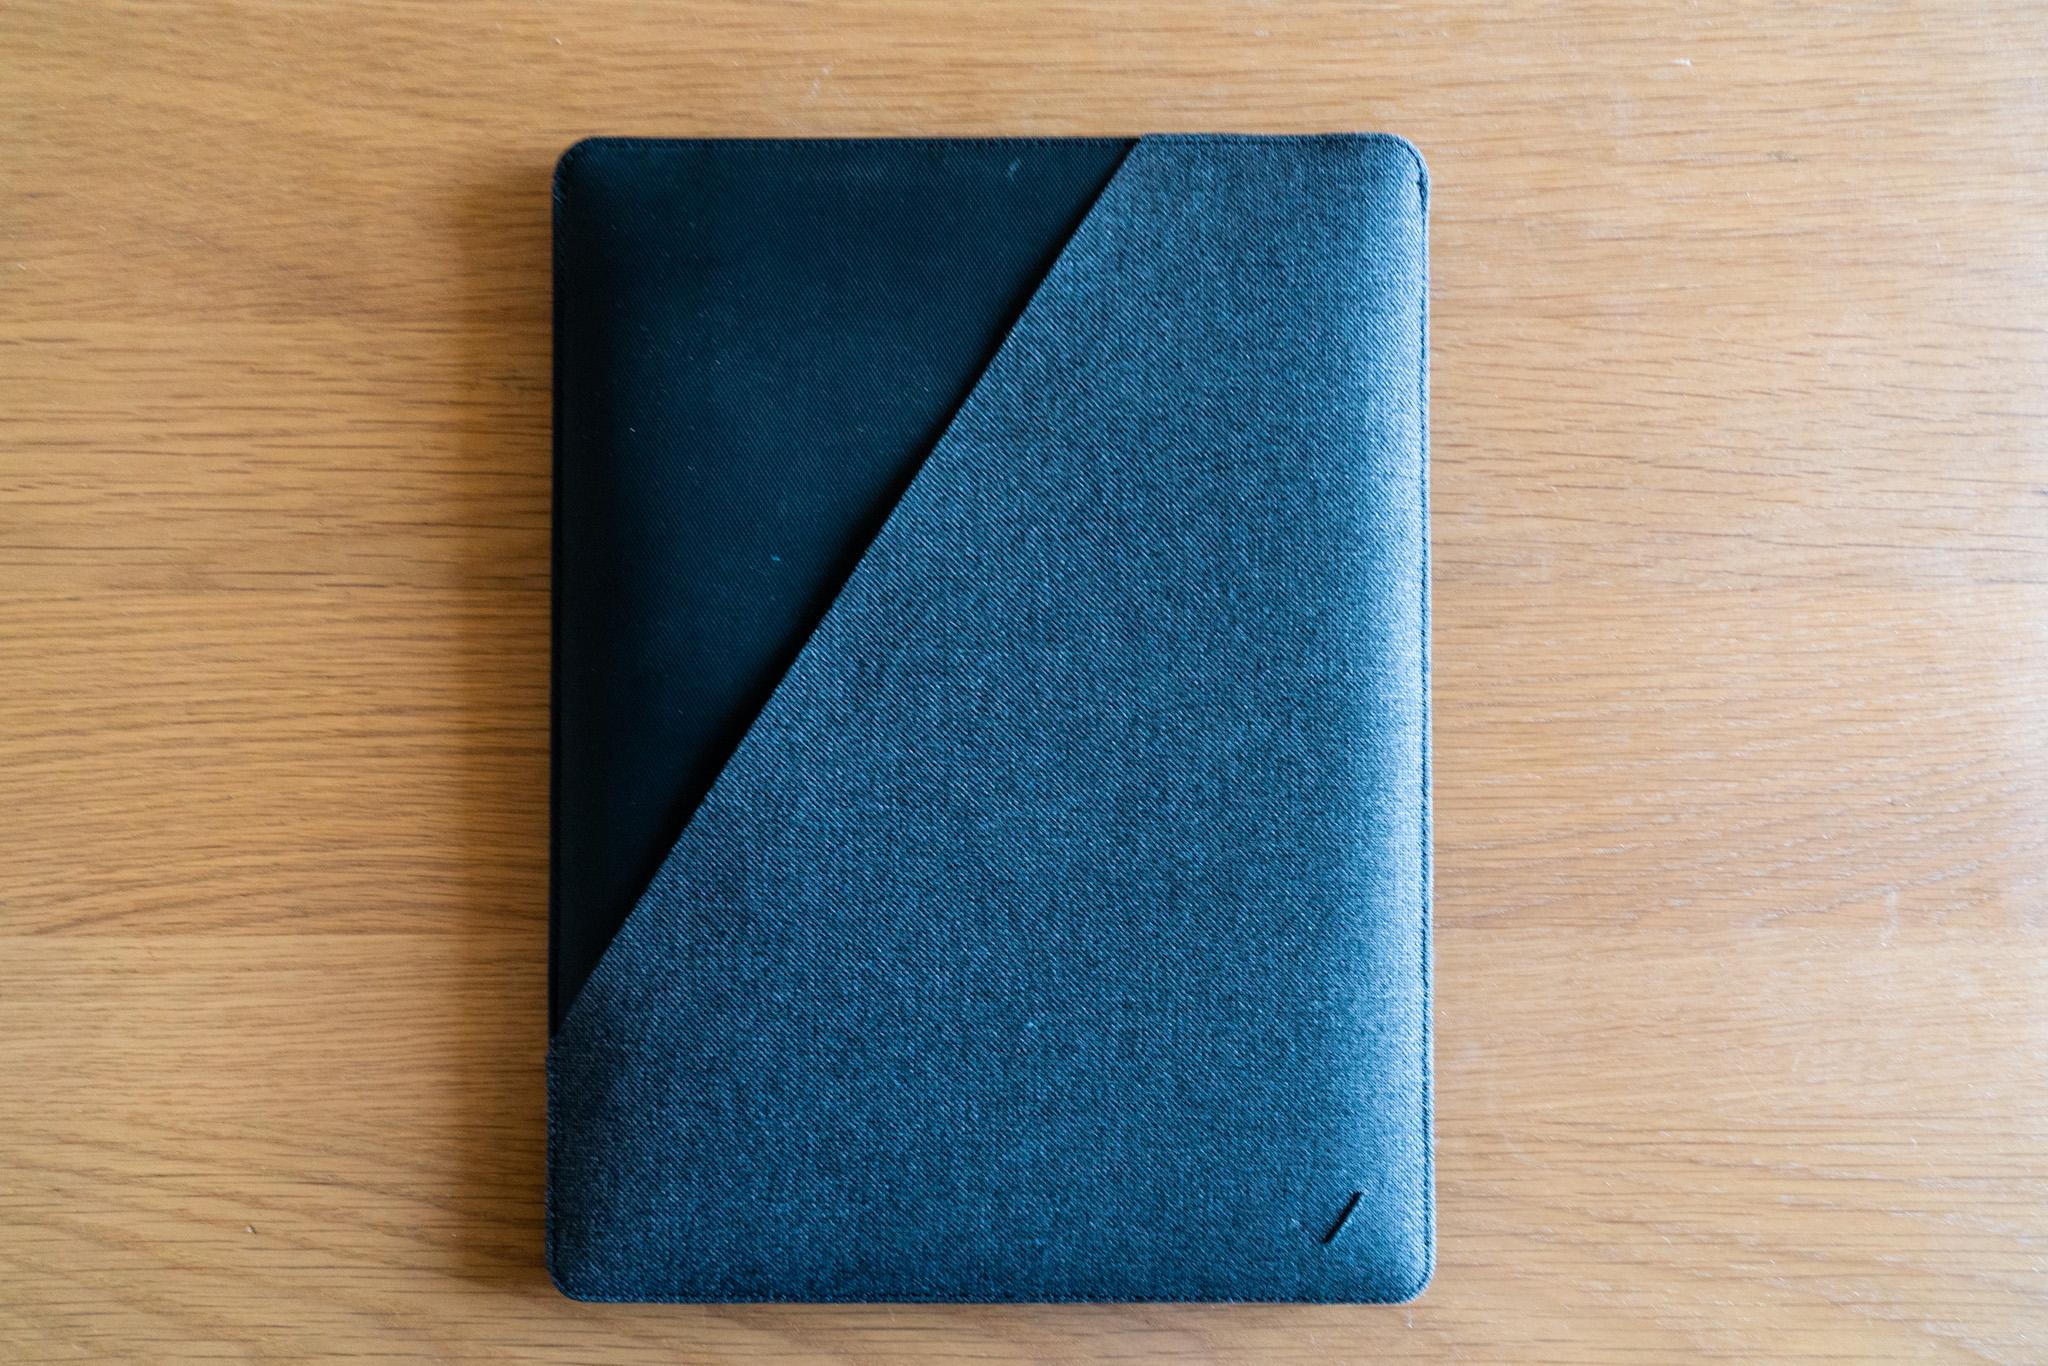 iPad Pro 洗練されたオシャレなケースはこれで決まり!『Native Union』STOW Tablet Sleeve